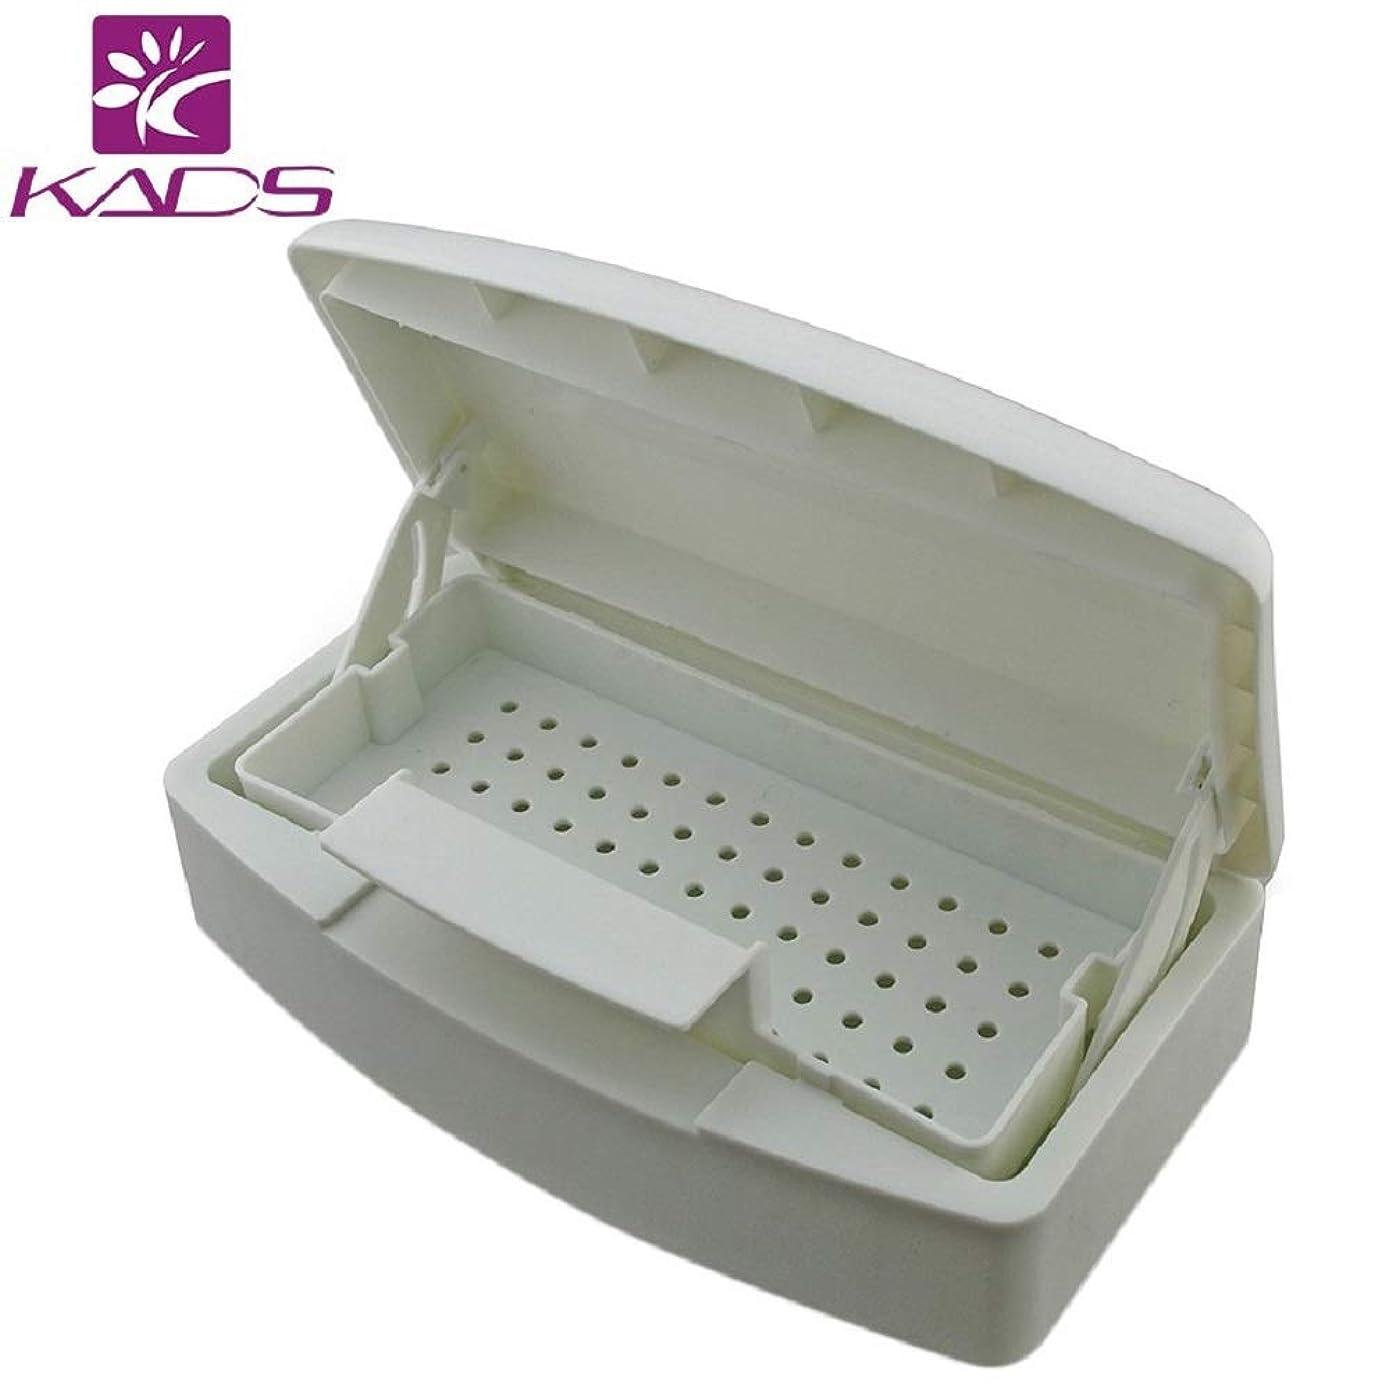 策定する取り扱い縫うKADSネイルアートツールアルコール滅菌ボックス マニキュアツール消毒用容器 ネイルツール滅菌トレイ 滅菌ボックス